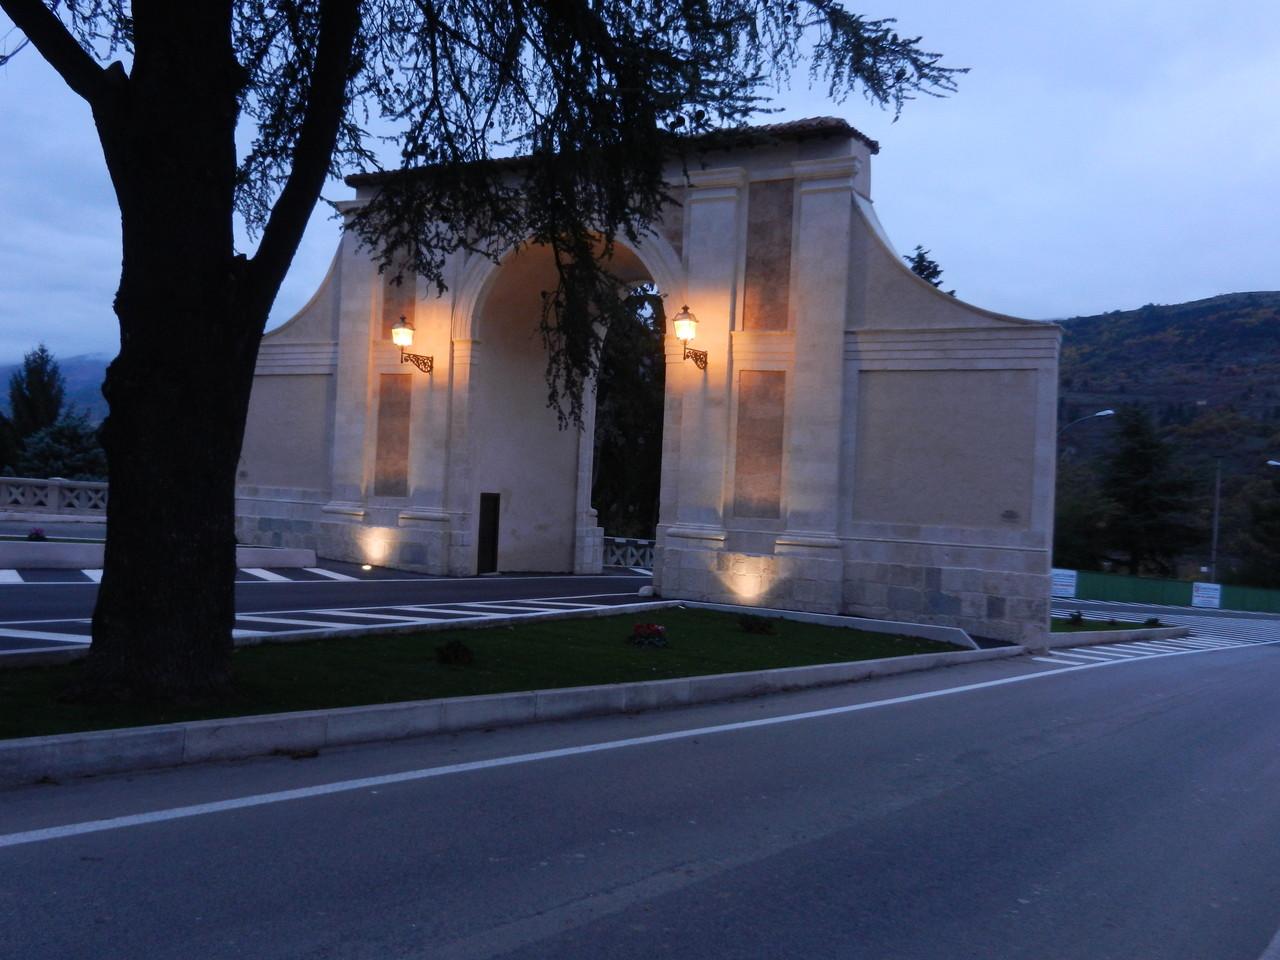 L'aquila - Porta Napoli, Novembre 2012, dopo il restauro.